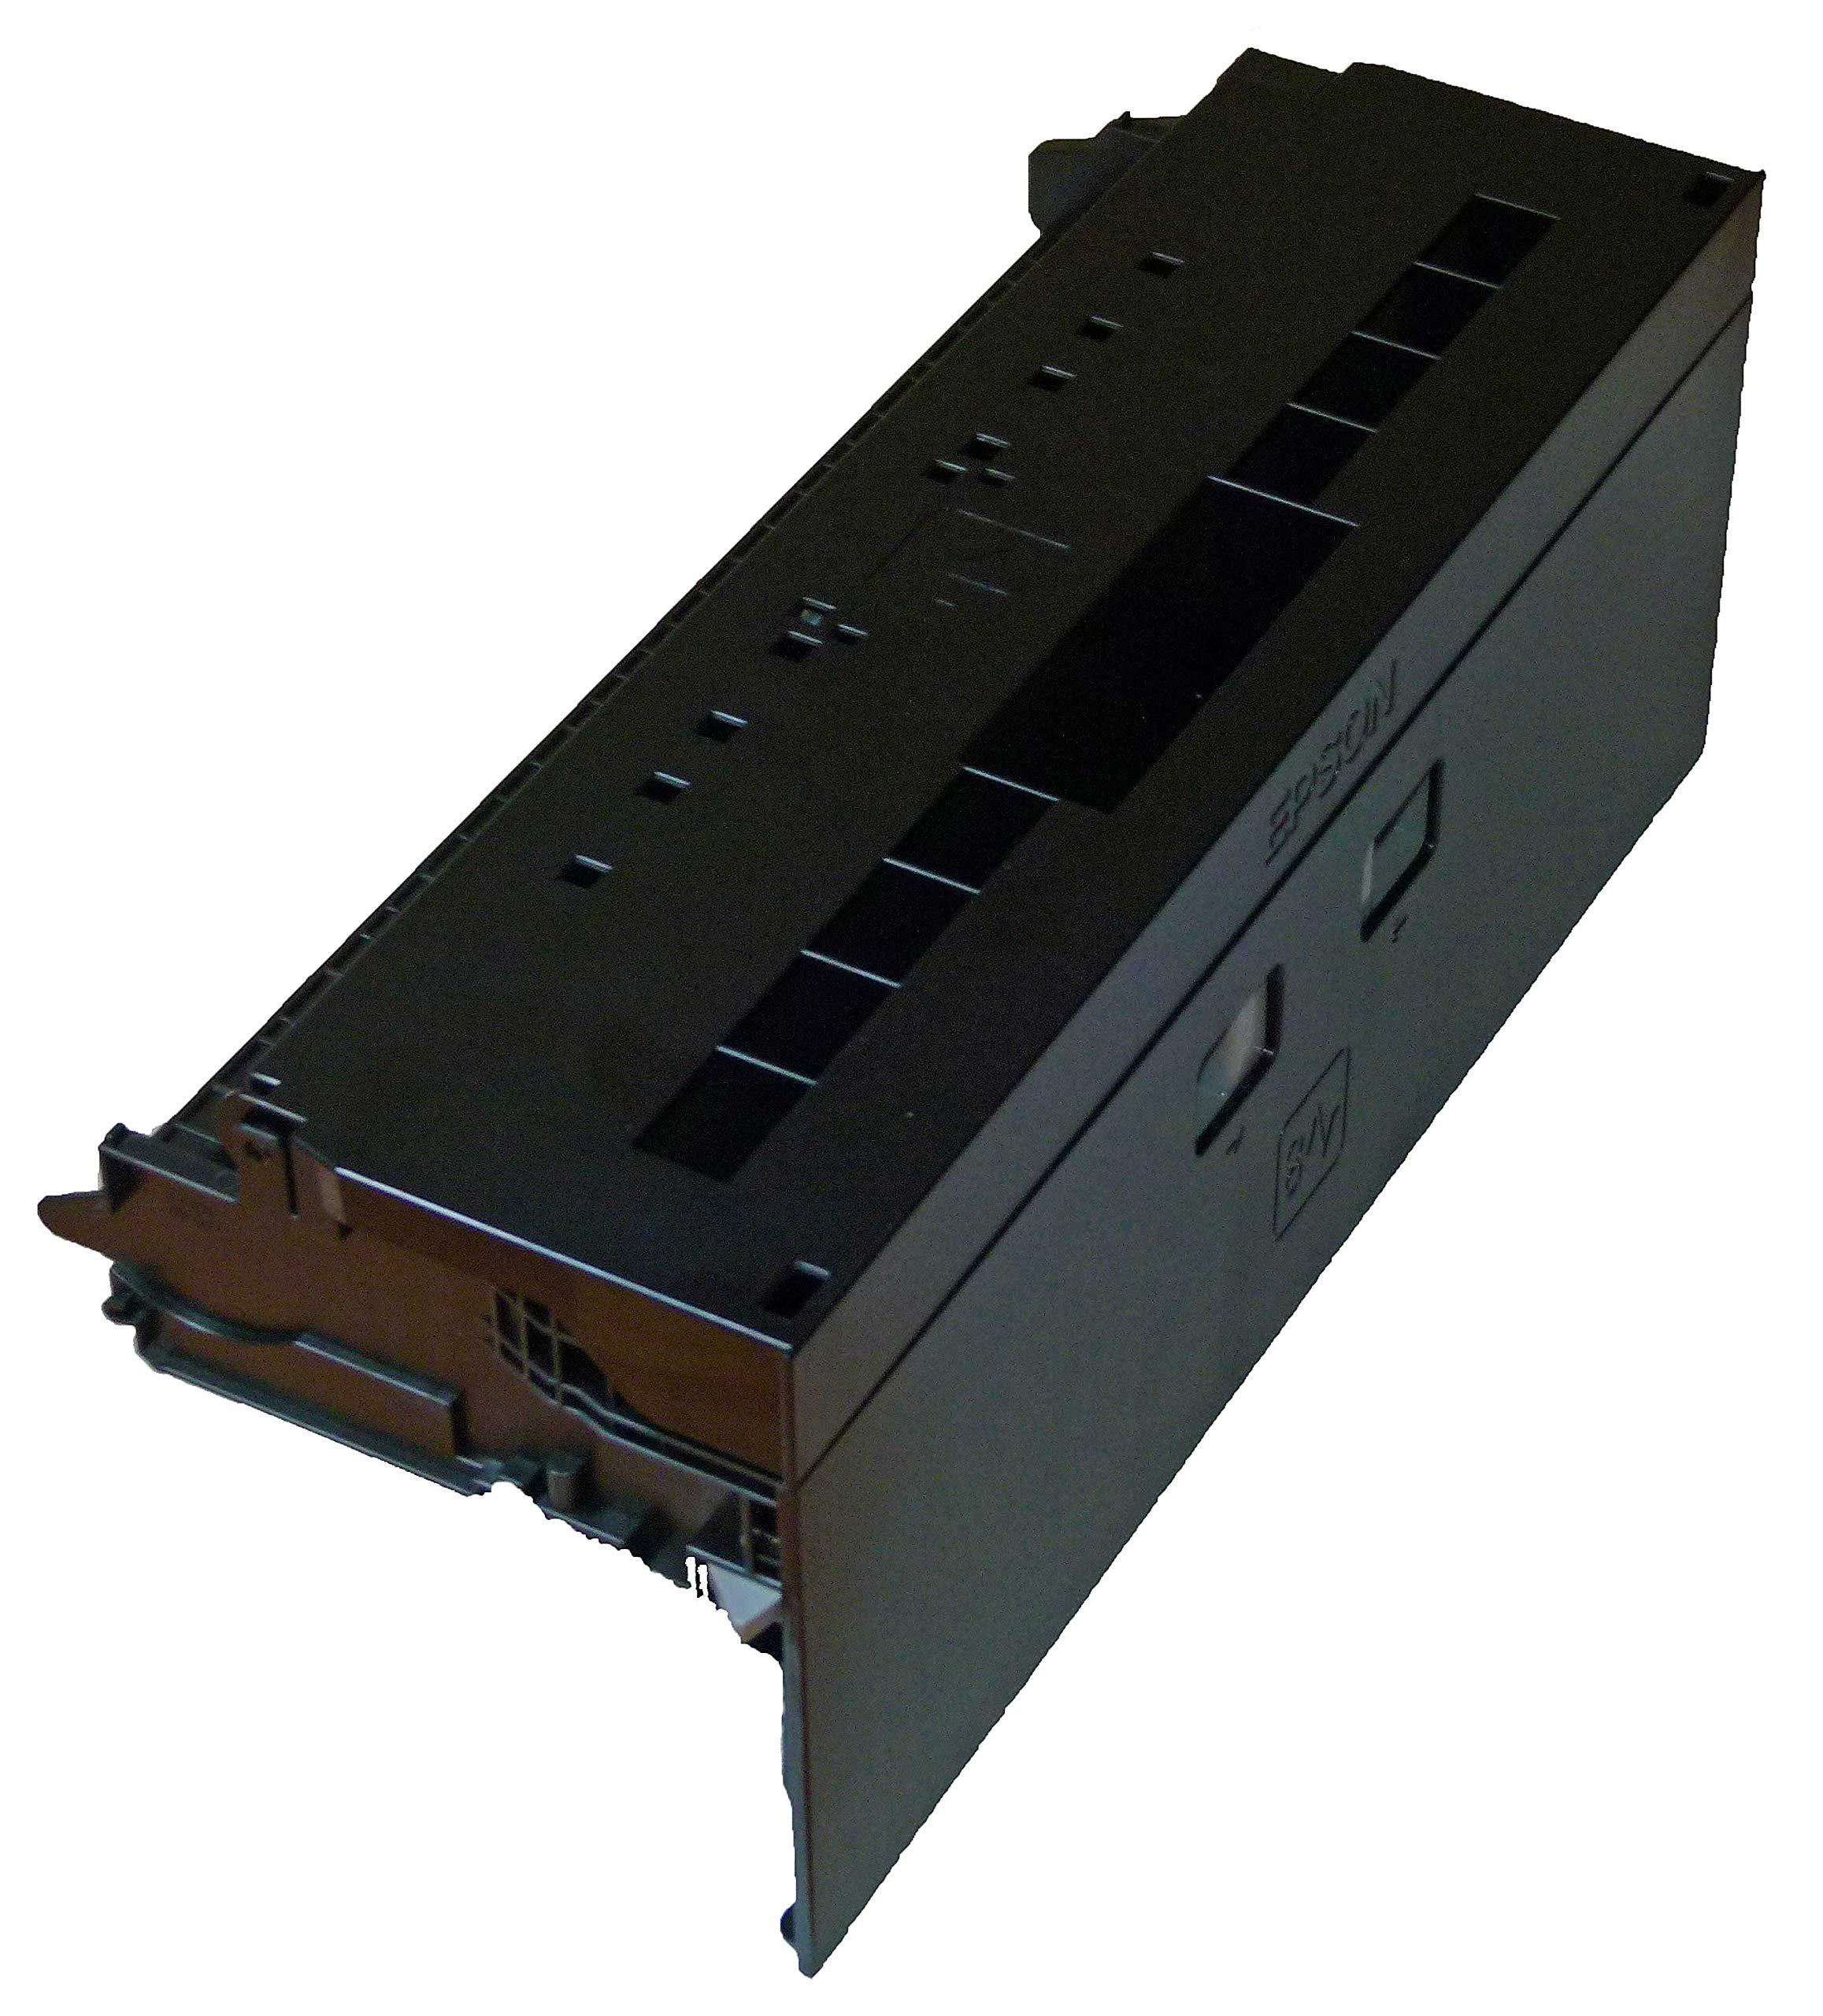 Epson Duplexer Duplex Unit Supplied with Workforce WF-7015, Workforce WF-7018, Workforce WF-7510